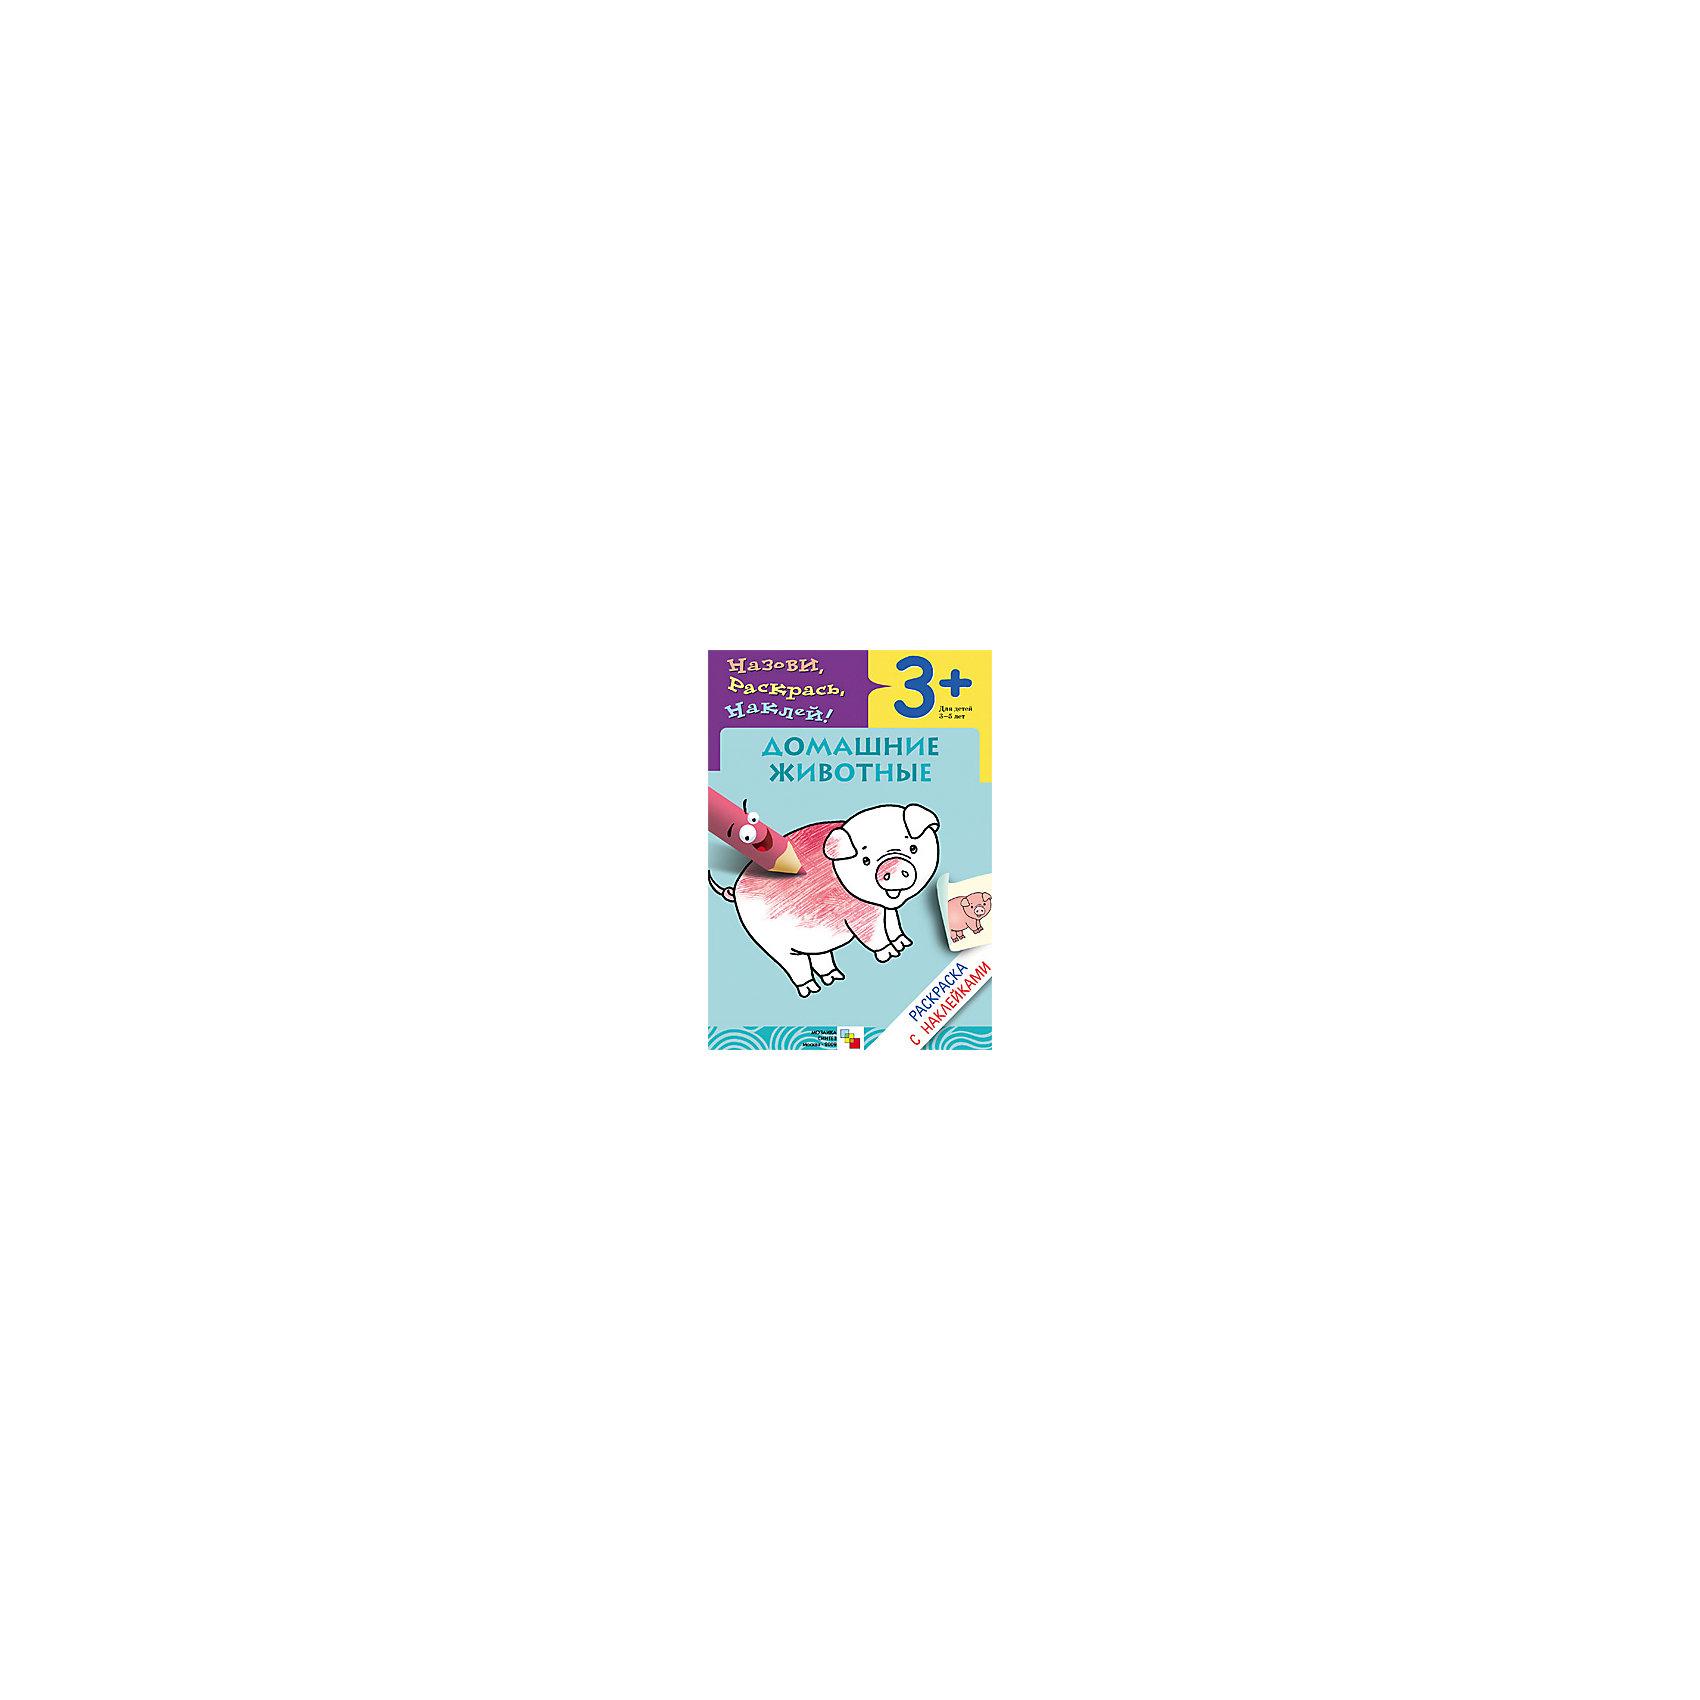 Раскраска с наклейками Домашние животныеРаскраски по номерам<br>Раскраска с наклейками «Домашние животные»<br><br>Характеристики:<br>• издательство: Мозаика-Синтез;<br>• размер: 24х0,2х17 см.;<br>• количество страниц: 8;<br>• тип обложки: мягкая<br>• иллюстрации: чёрно-белые;<br>• ISBN: 9785867756741;<br>• вес: 64 г.;<br>• для детей в возрасте: от 3х лет;<br>• страна производитель: Россия.<br>Развивающая книжка-раскраска из серии «Назови, раскрась, наклей!» предназначена для детей от трёх лет. С её помощью ребёнок сможет называть домашних животных и раскрашивать их. Наклейки-подсказки помогут с выбором цвета для каждого животного. Все животные описаны в виде тематических забавных четверостиший, которые развлекут ребёнка. Занимаясь с книжкой-раскраской дети смогут развивать мелкую моторику рук, чувство цвета, творческие способности, логику.  Слушая и запоминая стихи дети развивают память, словарный запас, учатся правильно формировать и строить предложения, запоминают основные правила русского языка. <br>Раскраску с наклейками «Домашние животные» можно купить в нашем интернет-магазине.<br><br>Ширина мм: 20<br>Глубина мм: 170<br>Высота мм: 240<br>Вес г: 55<br>Возраст от месяцев: 36<br>Возраст до месяцев: 60<br>Пол: Унисекс<br>Возраст: Детский<br>SKU: 5562592